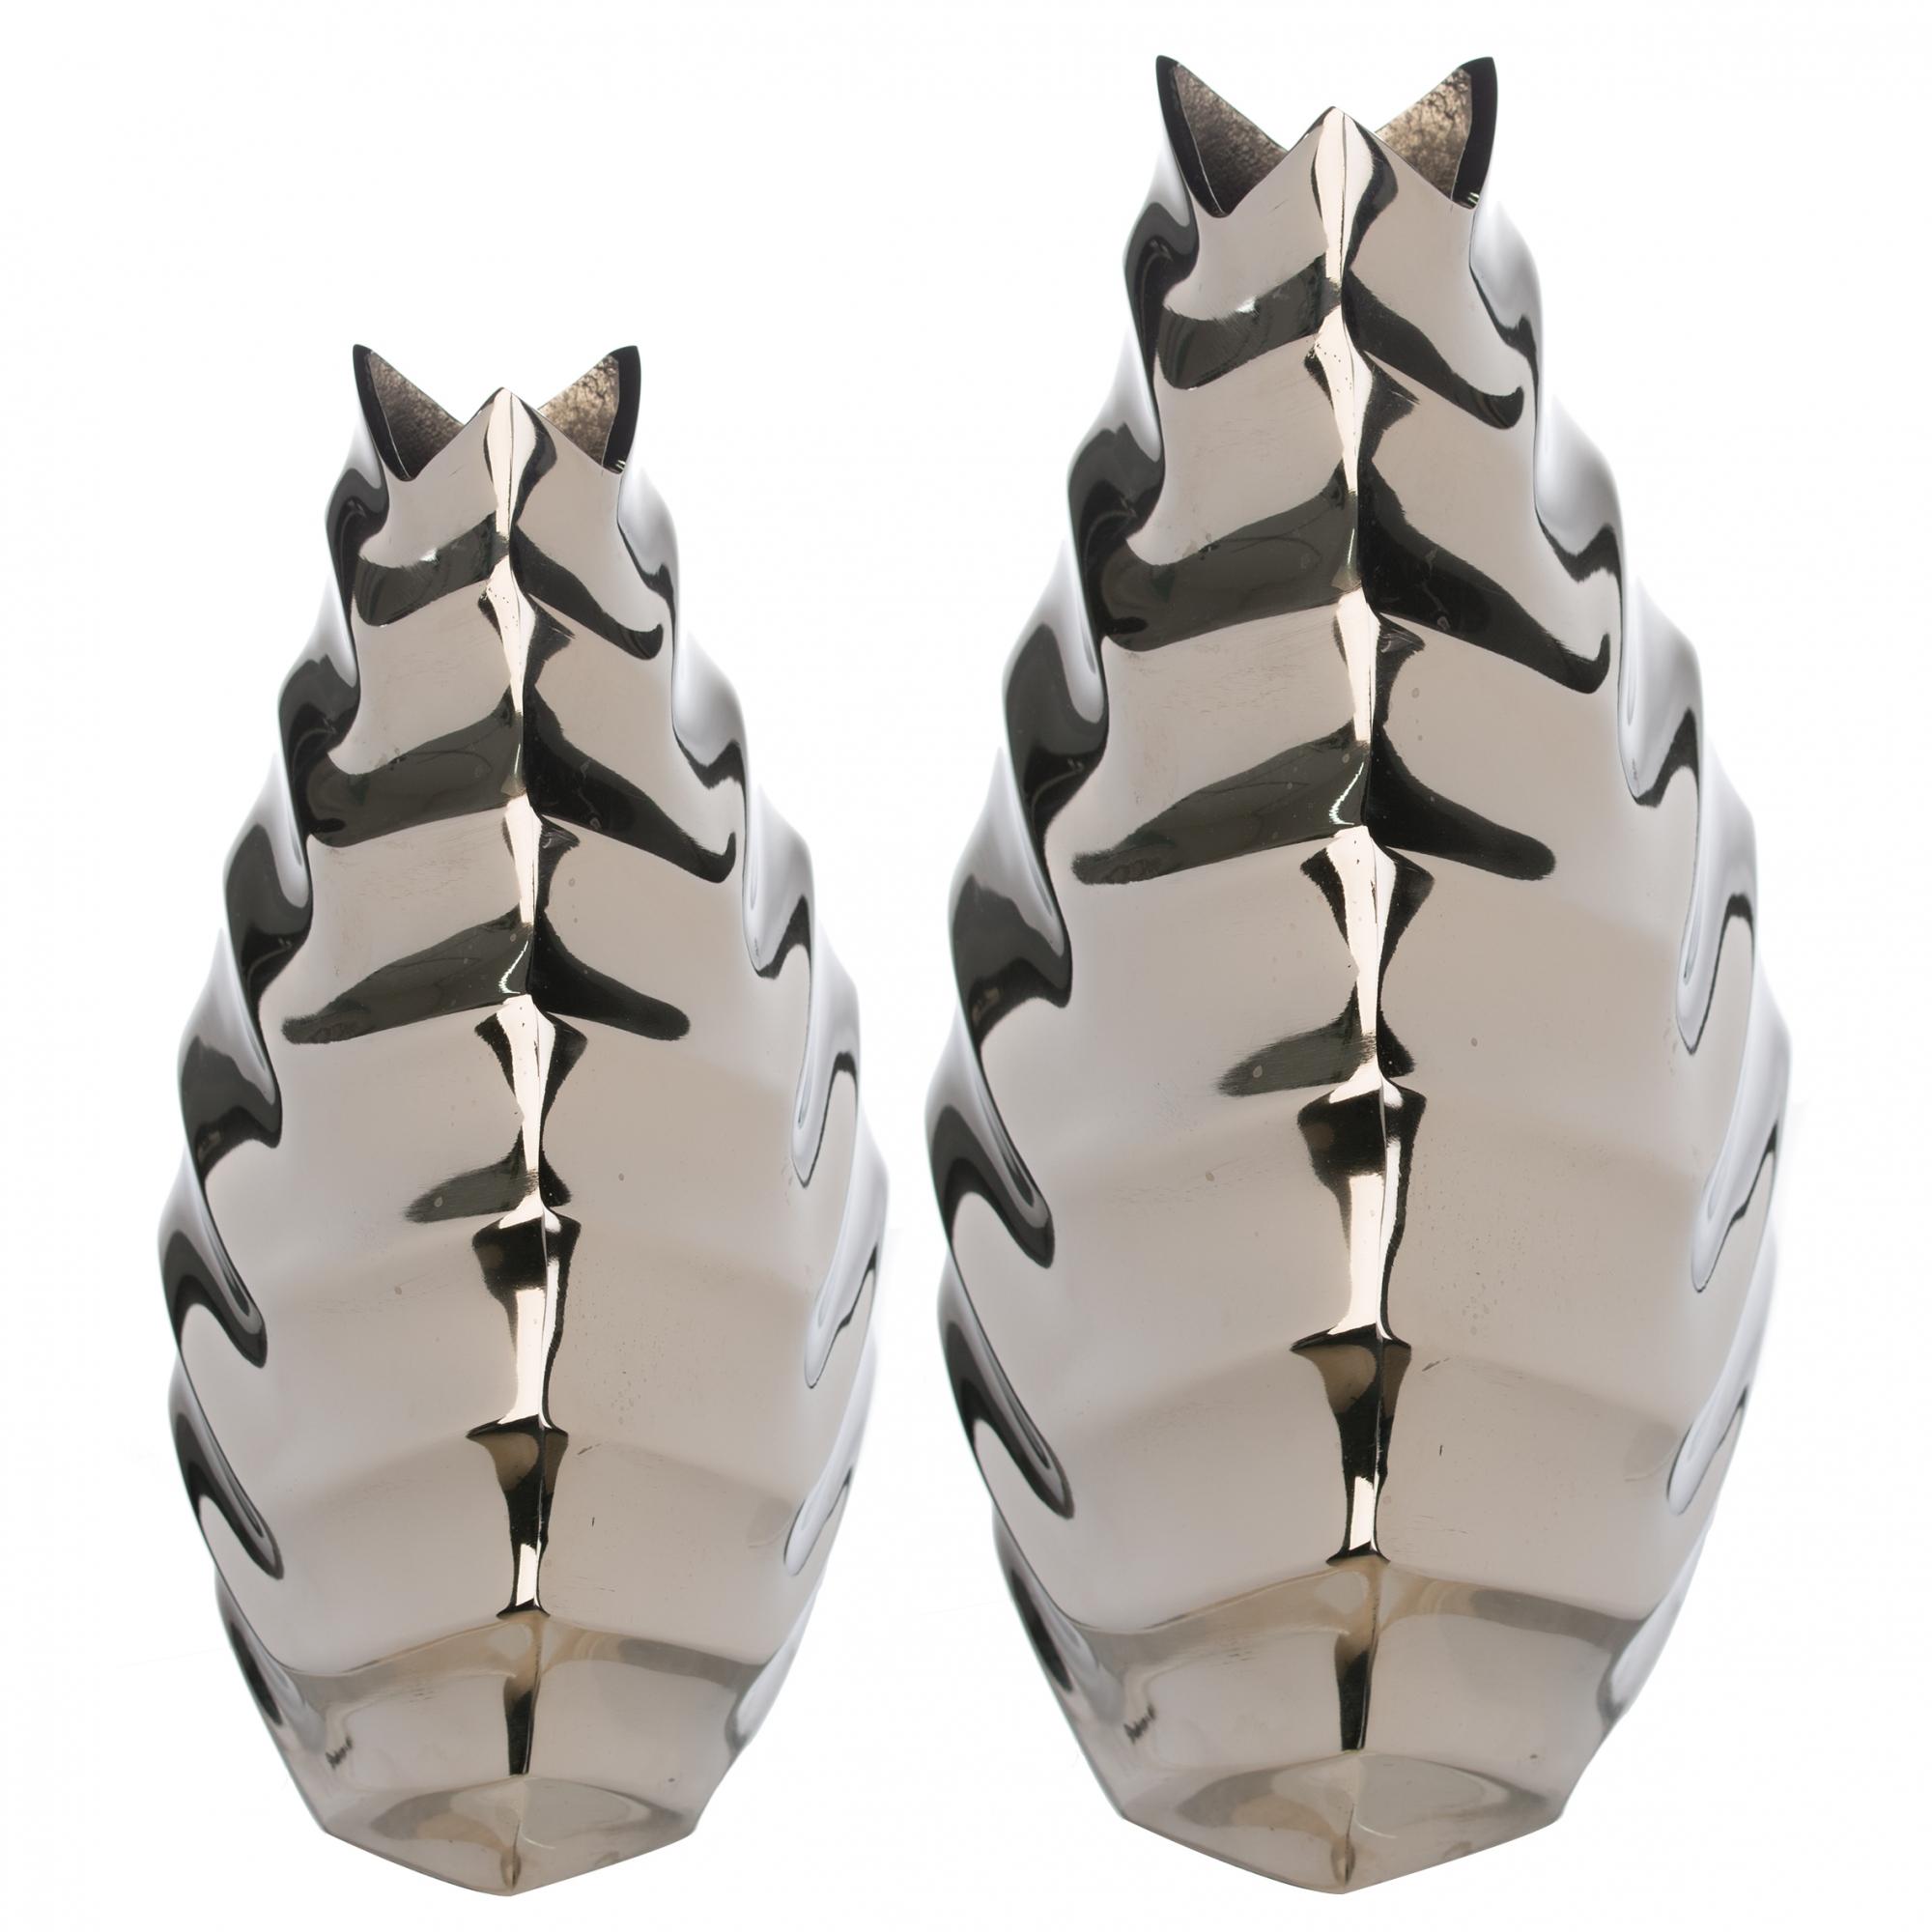 Váza Edon, 34 cm, stříbrná